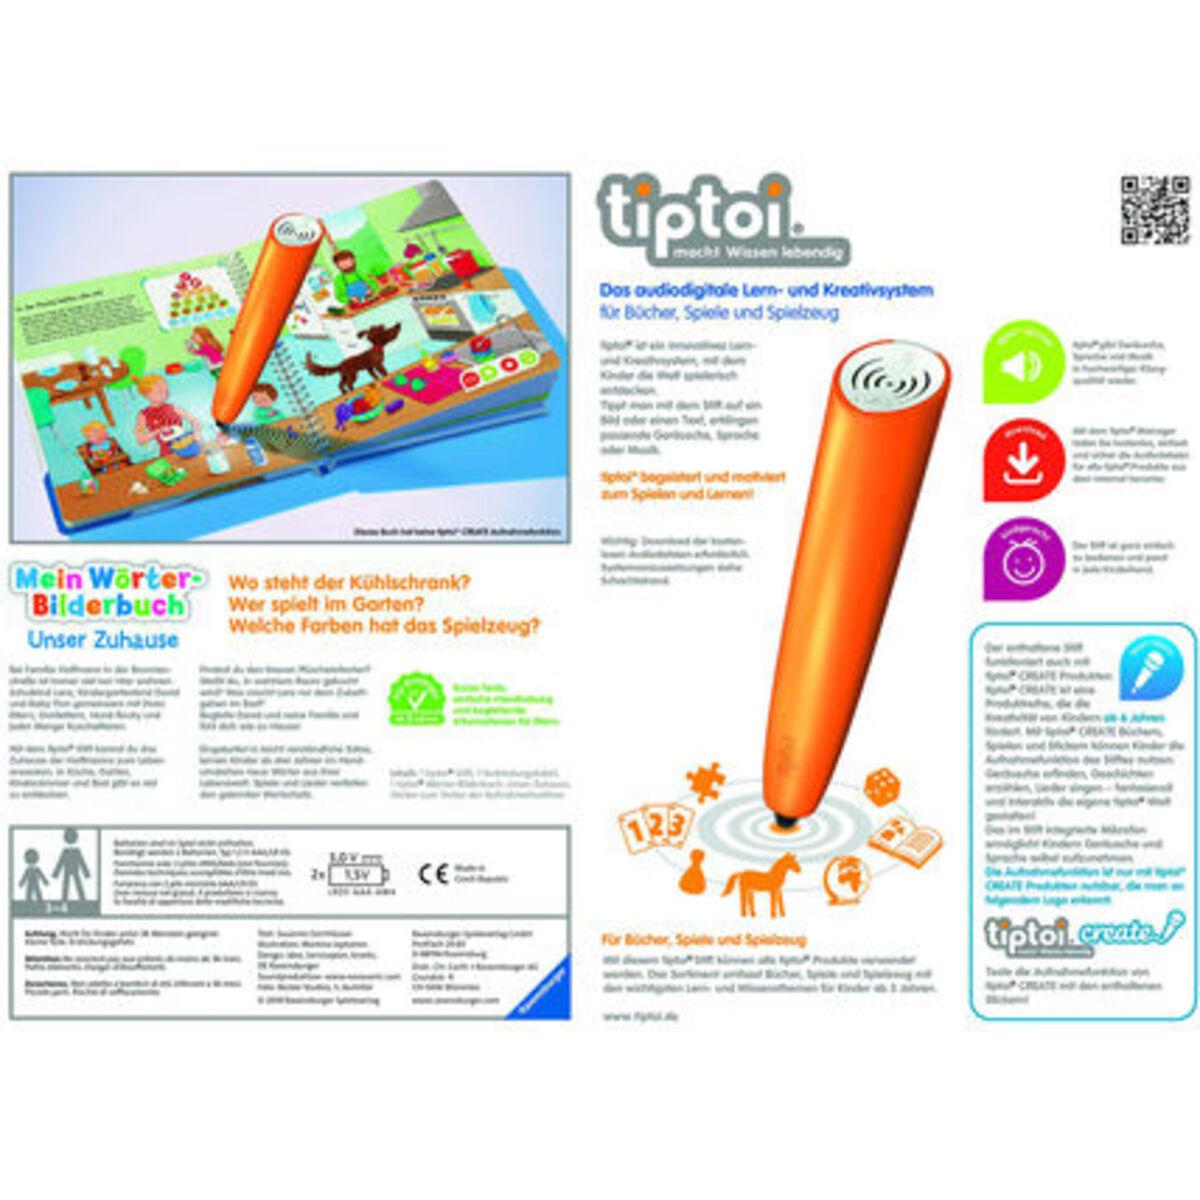 Bild 2 von Ravensburger tiptoi® Starter-Set: Stift und Wörter-Bilderbuch